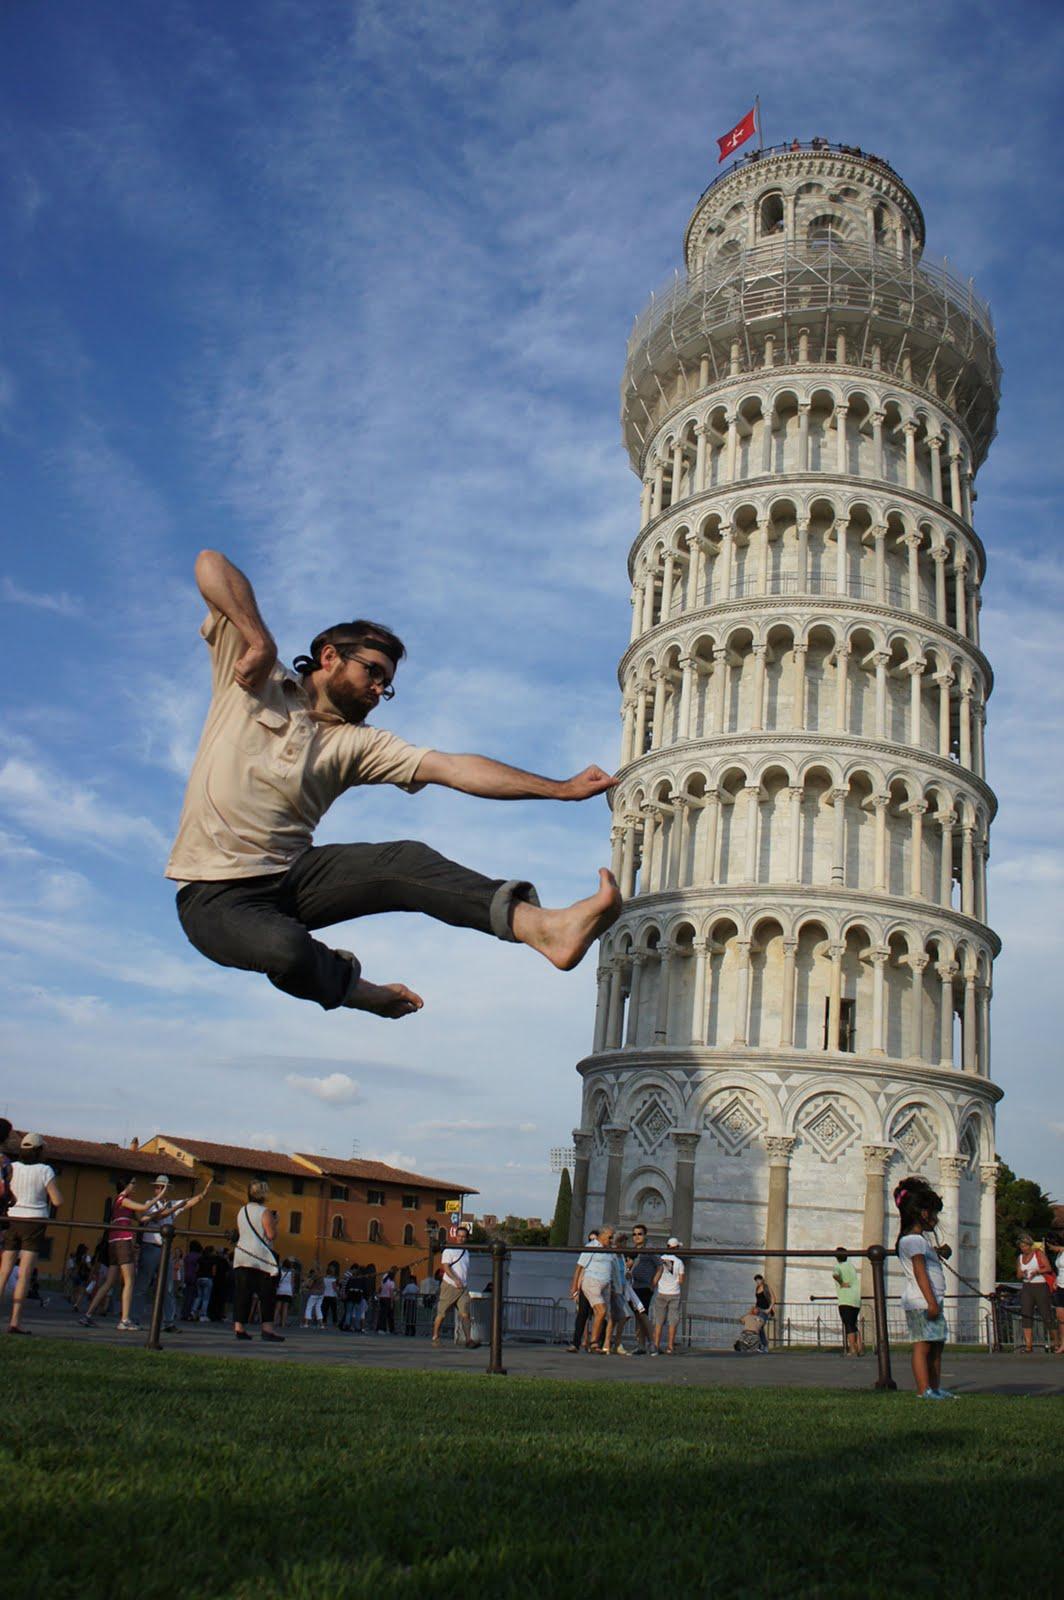 Falling In Love Hd Wallpapers Pisa Tower Pisa Tower Hd Wallpapers Pisa Tower